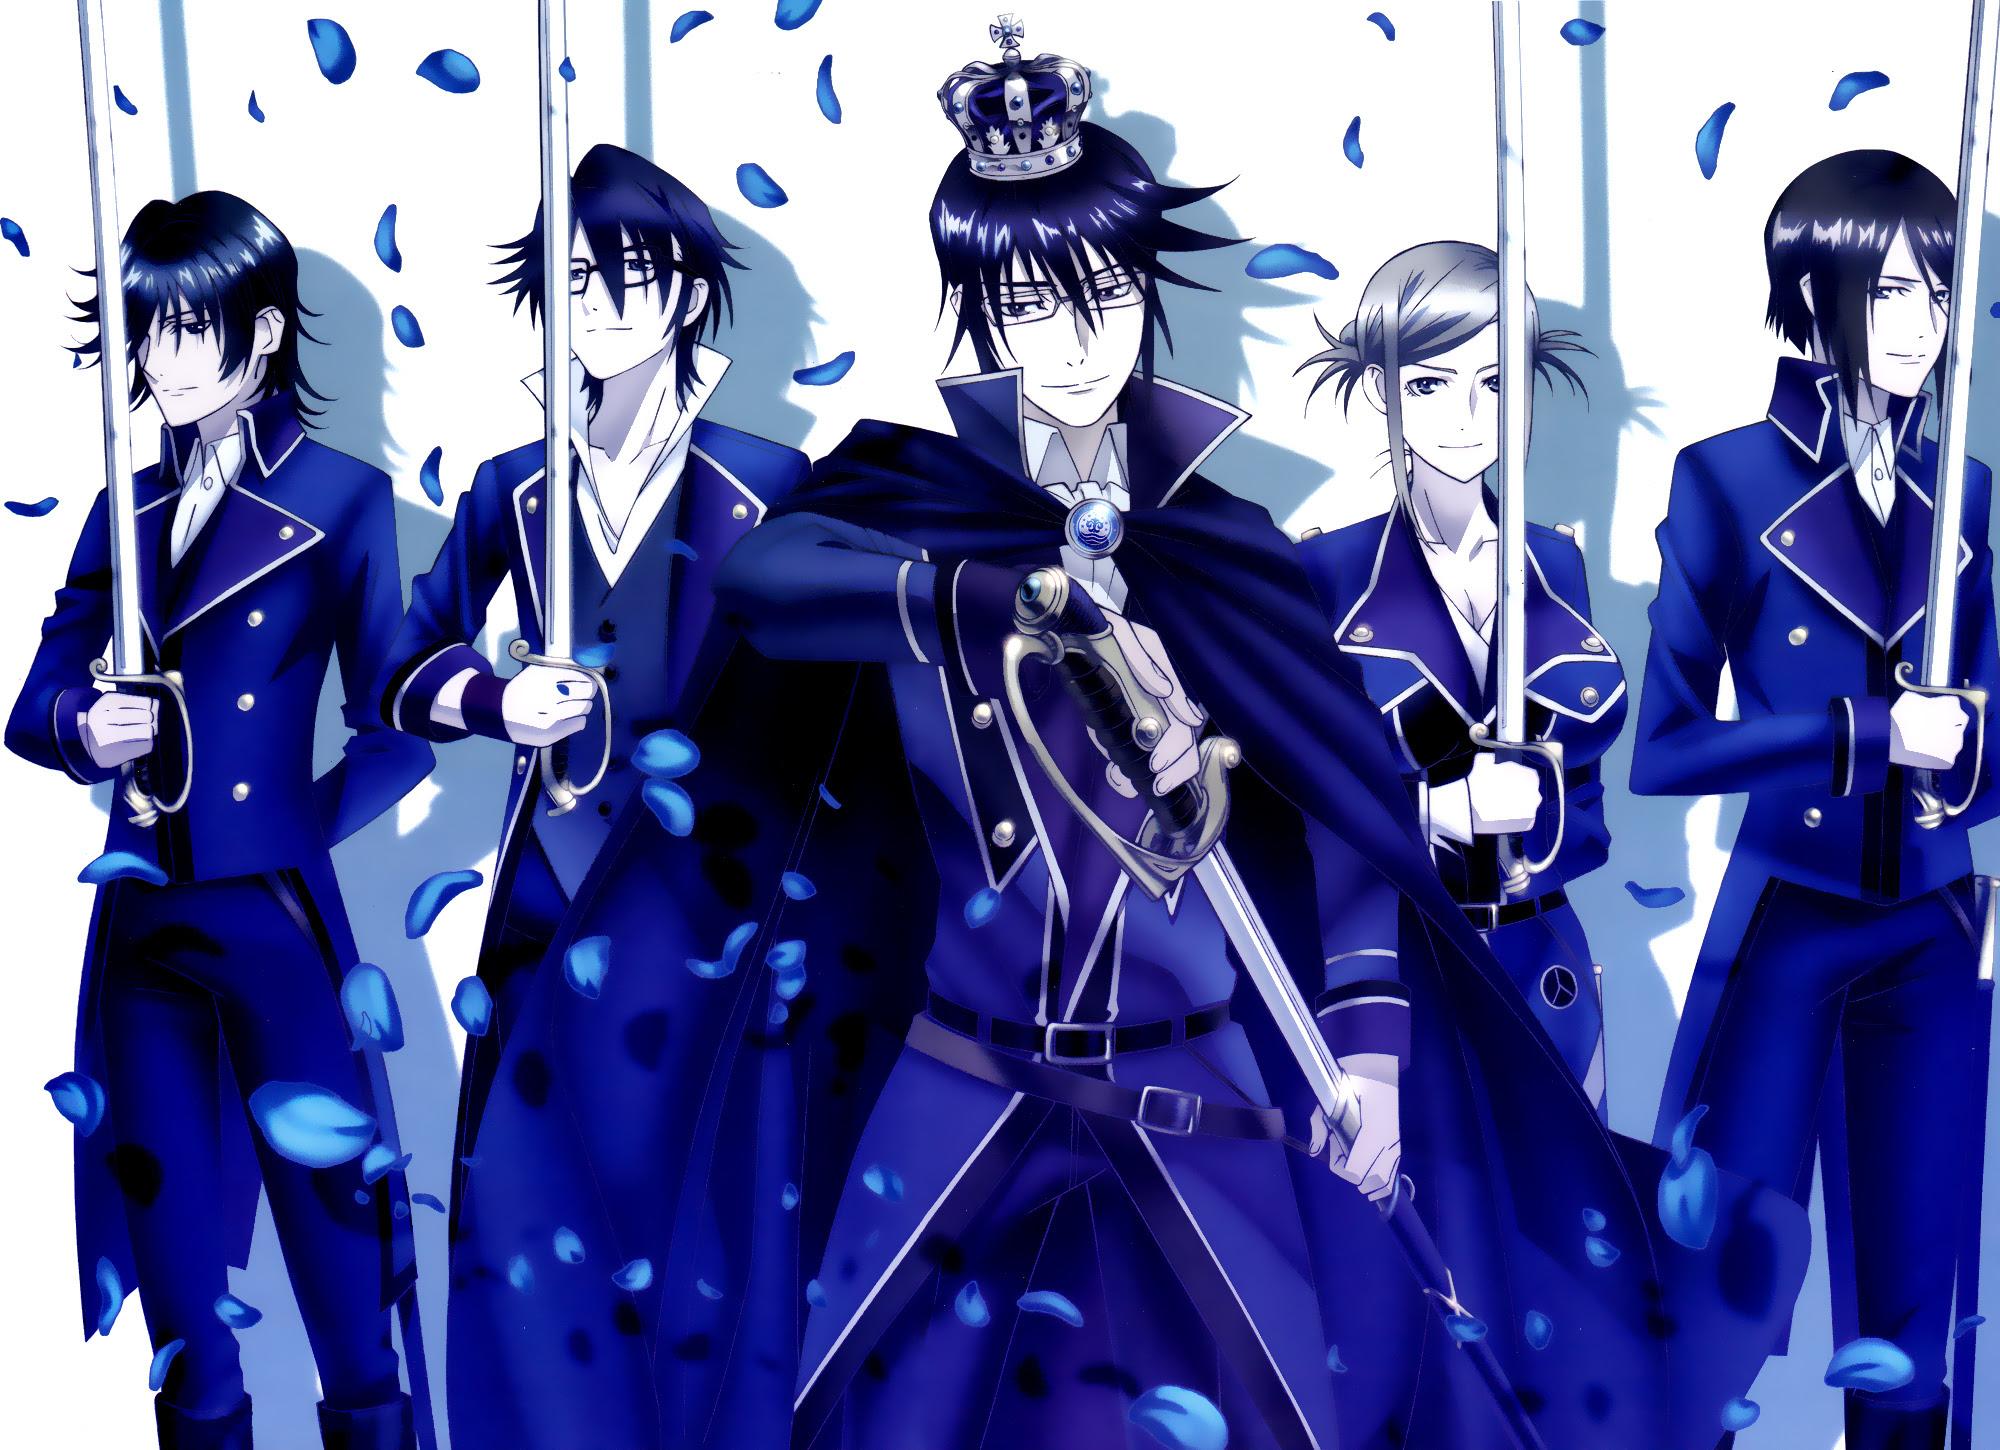 K Project The Anime Kingdom Wallpaper 37519391 Fanpop